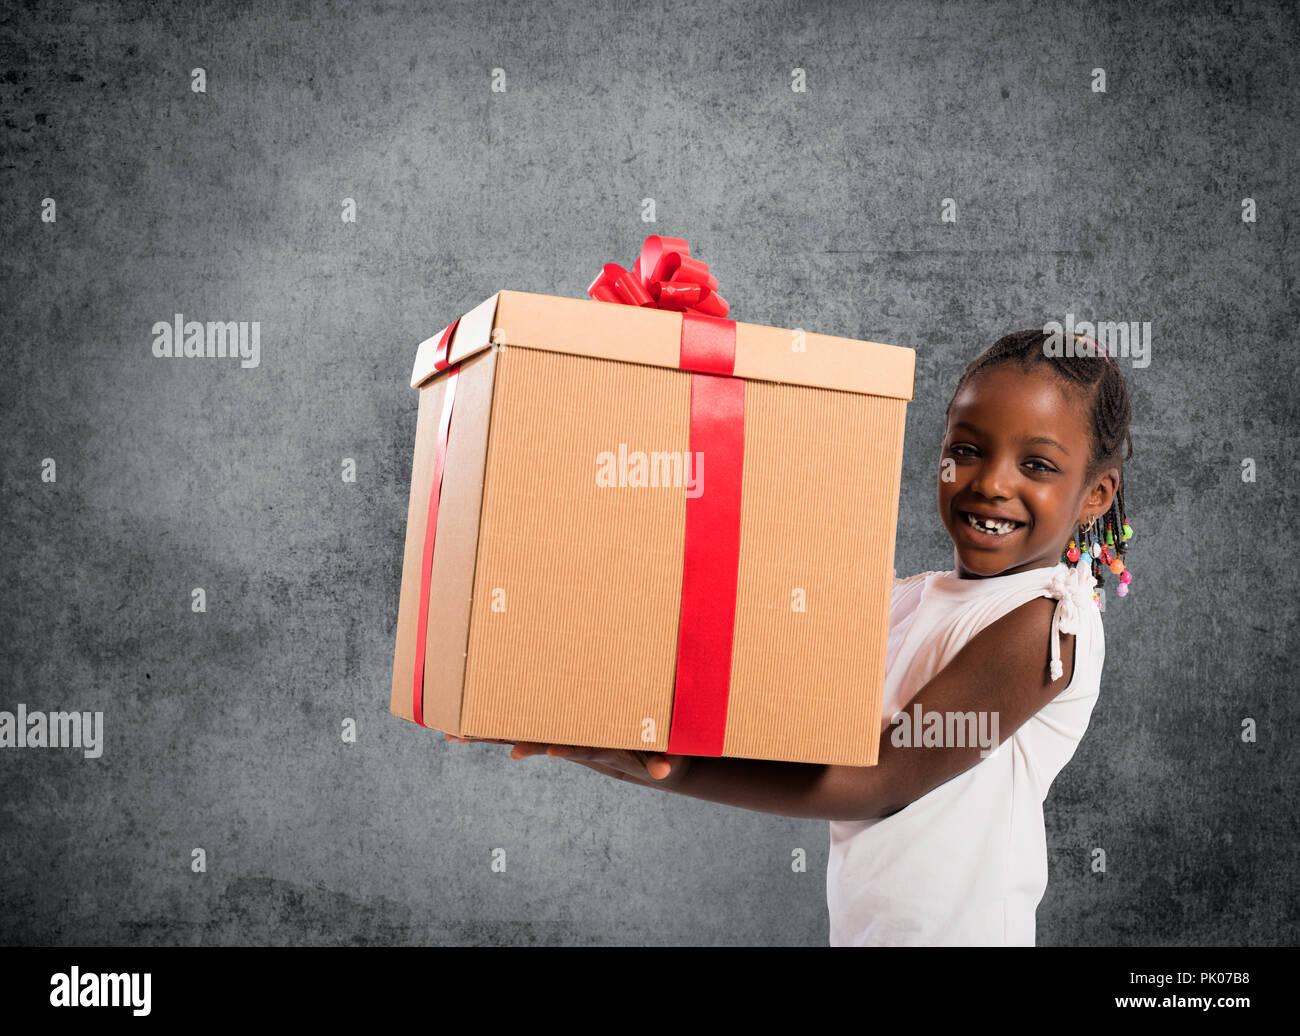 Glückliches kleines Mädchen mit einem Weihnachtsgeschenk Stockfoto ...